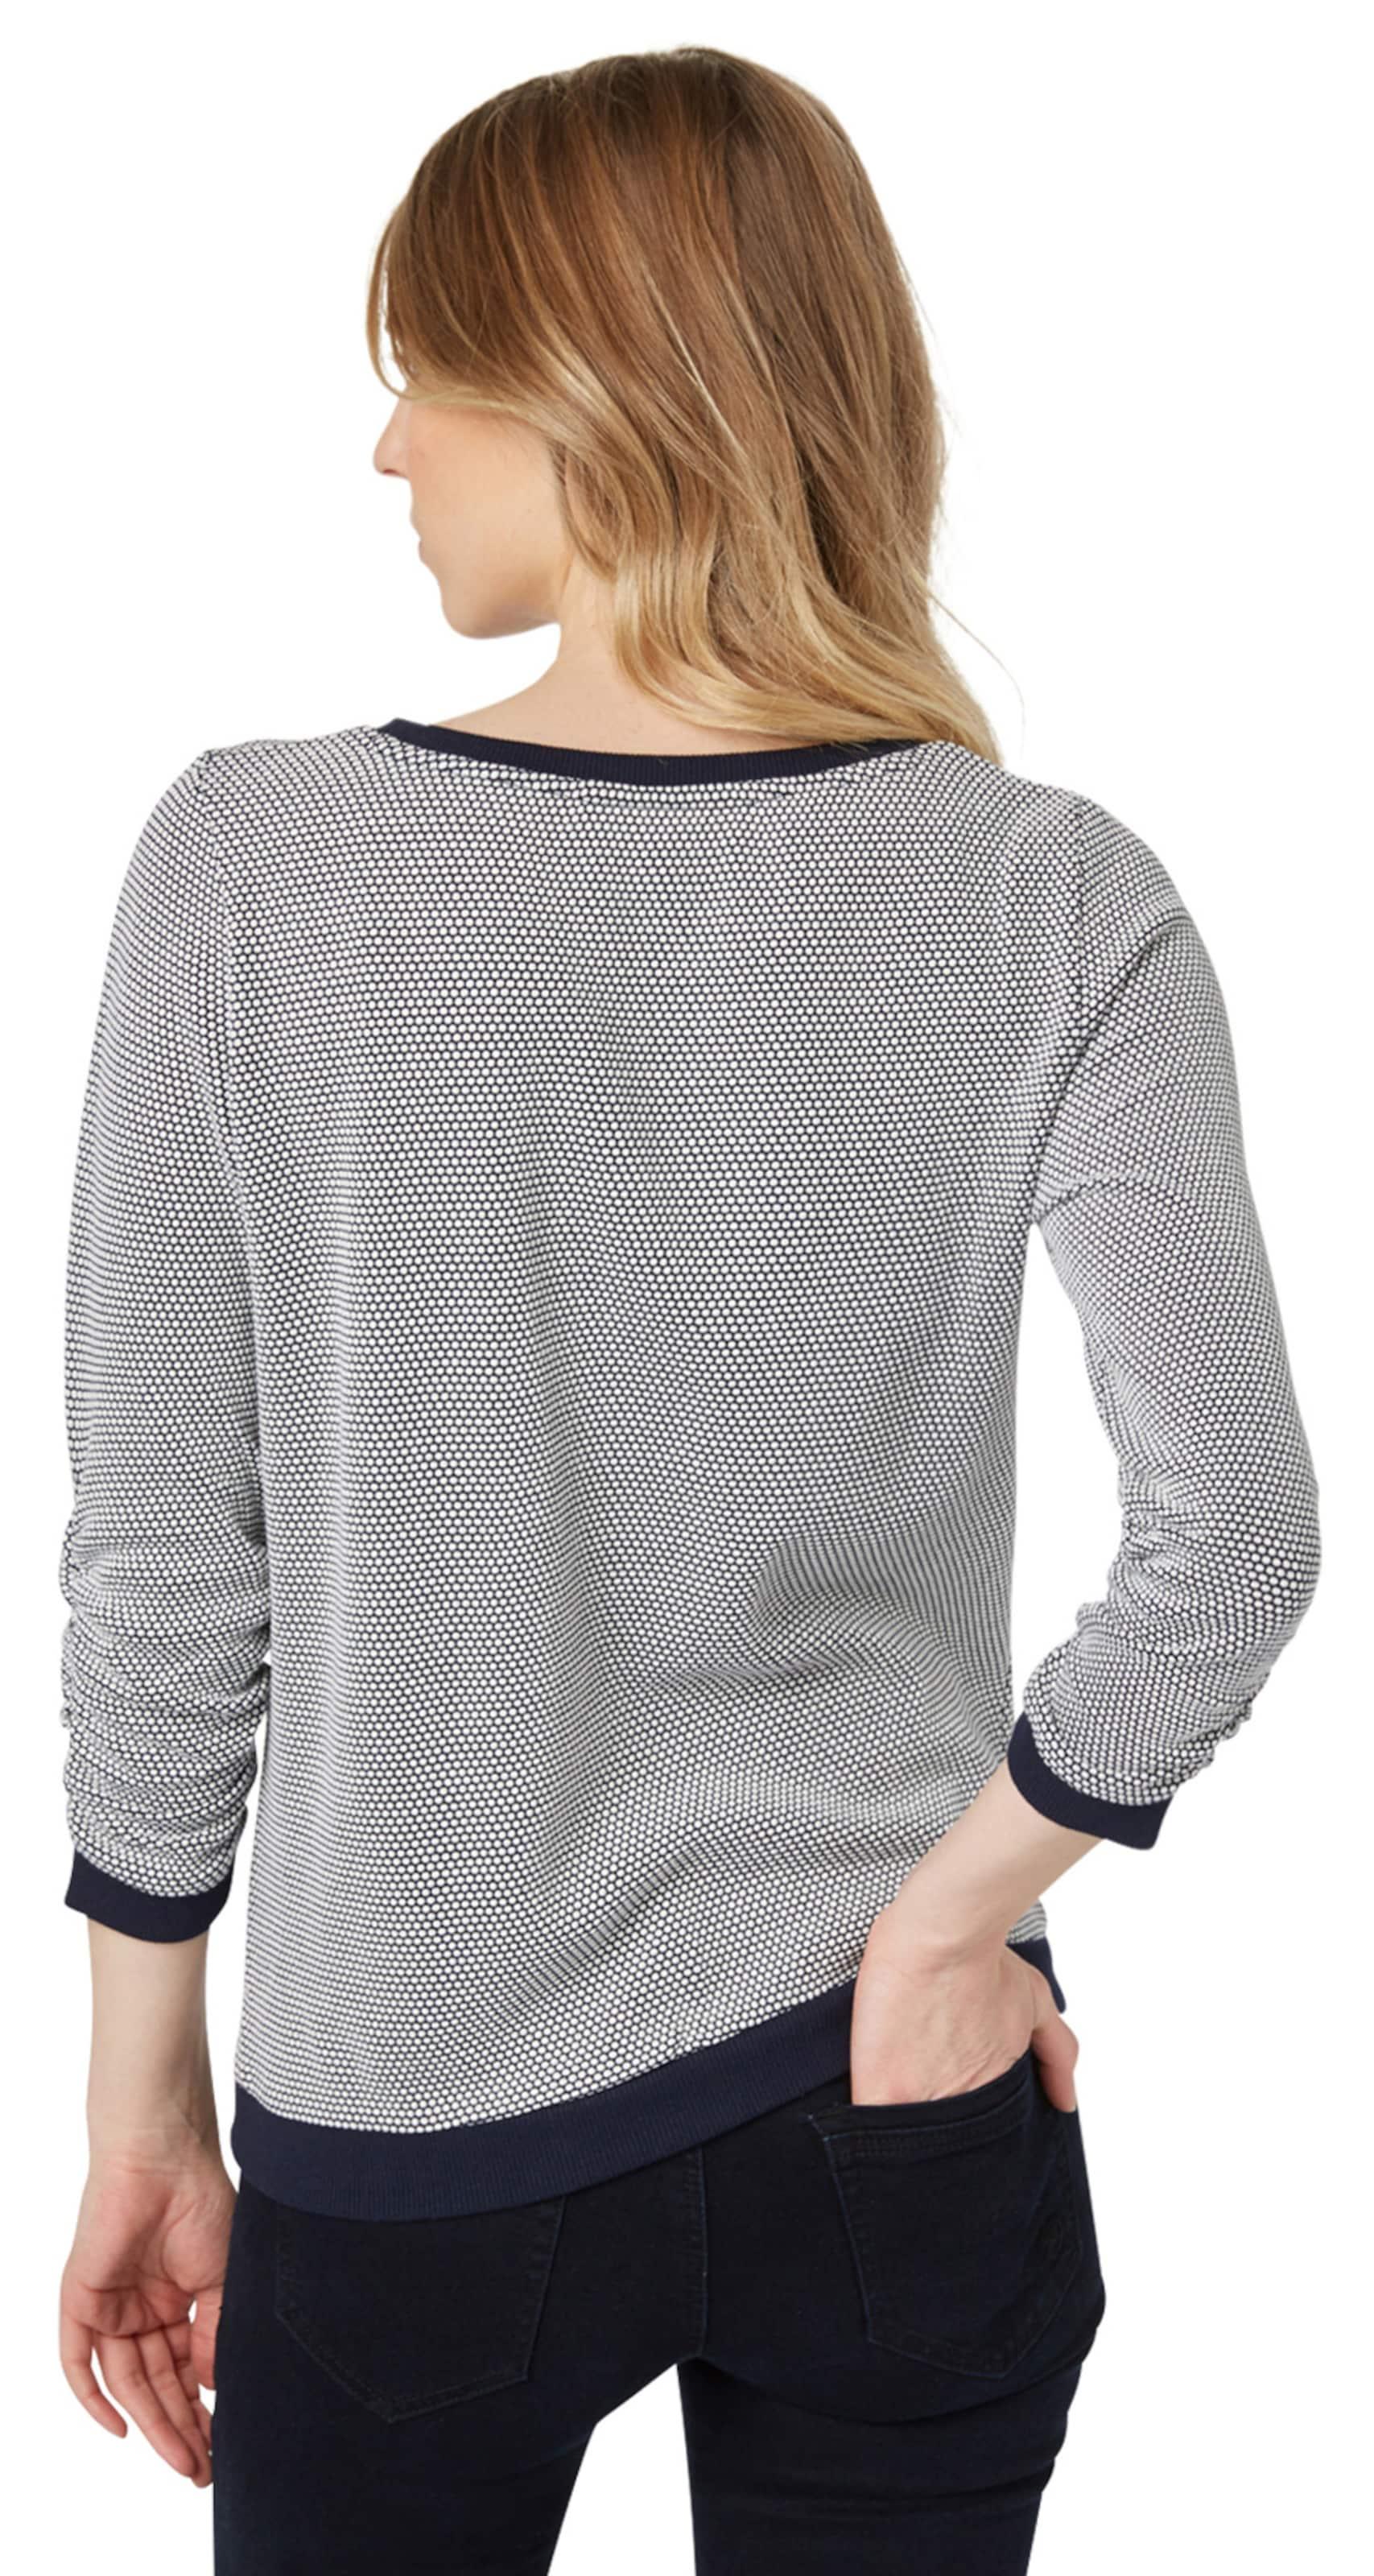 TOM TAILOR DENIM 3/4 Arm Sweatshirt mit Punkten Insbesondere Rabatt xBvuiE